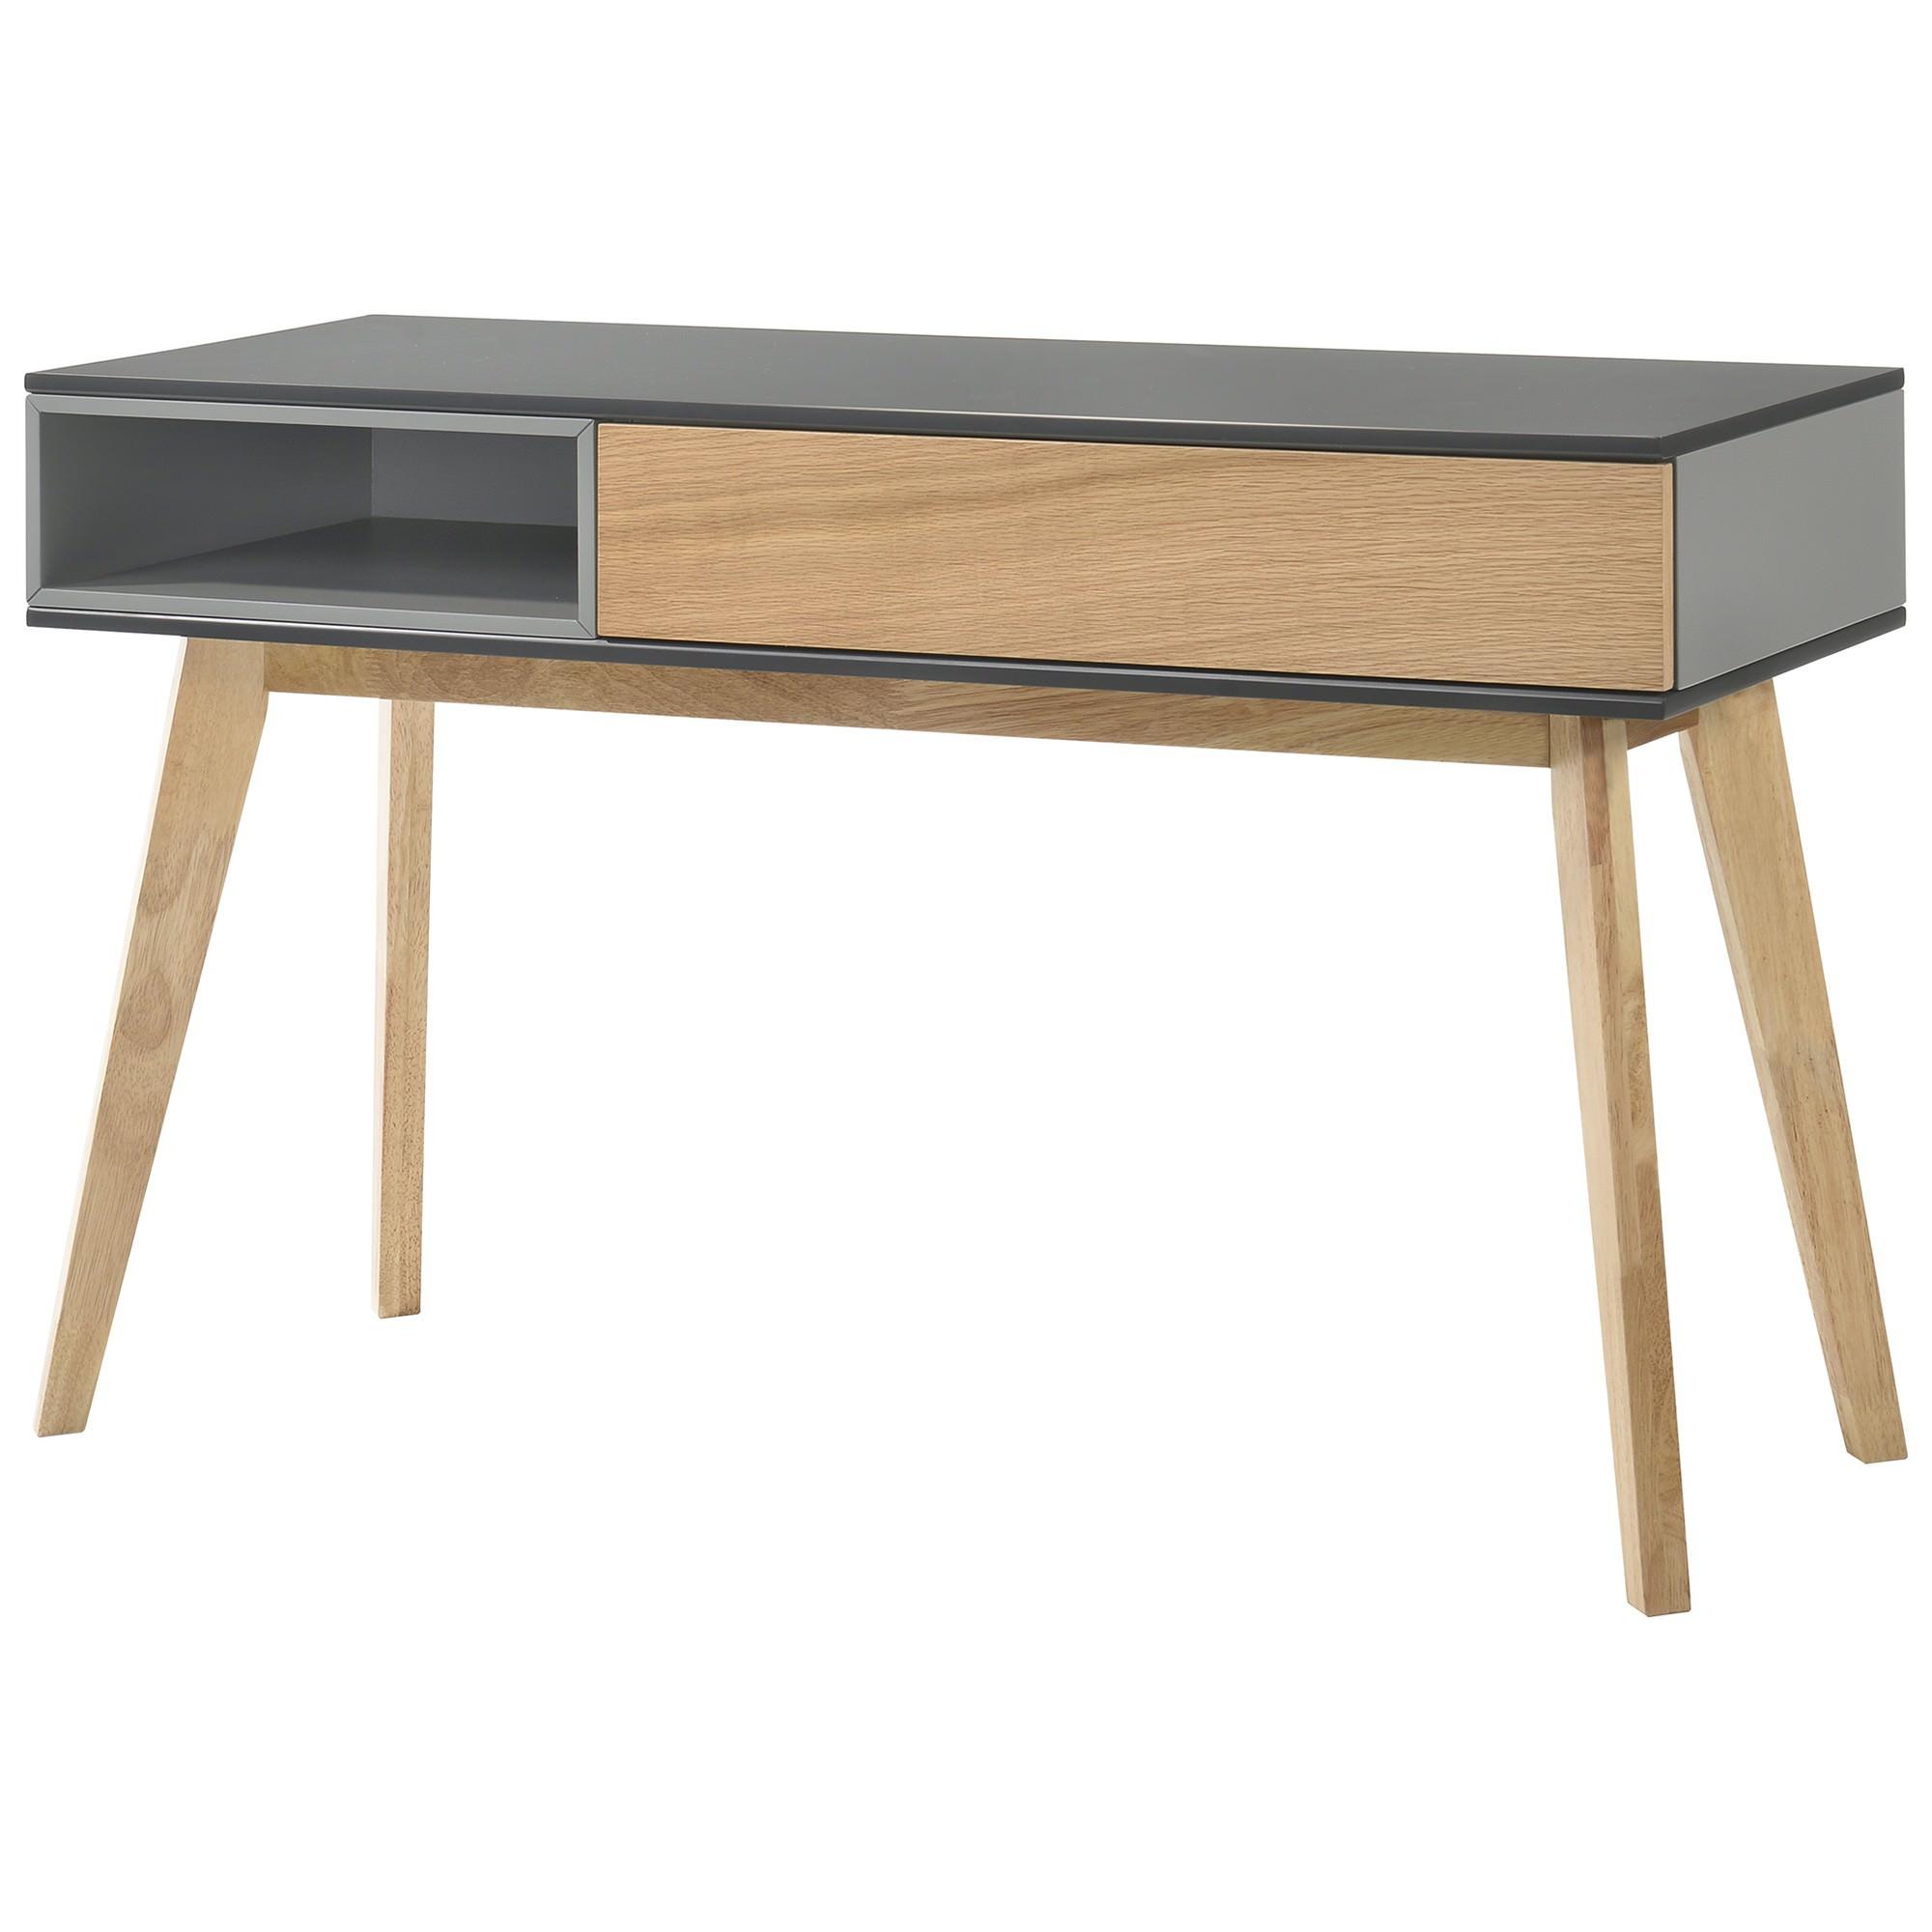 Rumi Console Table, 120cm